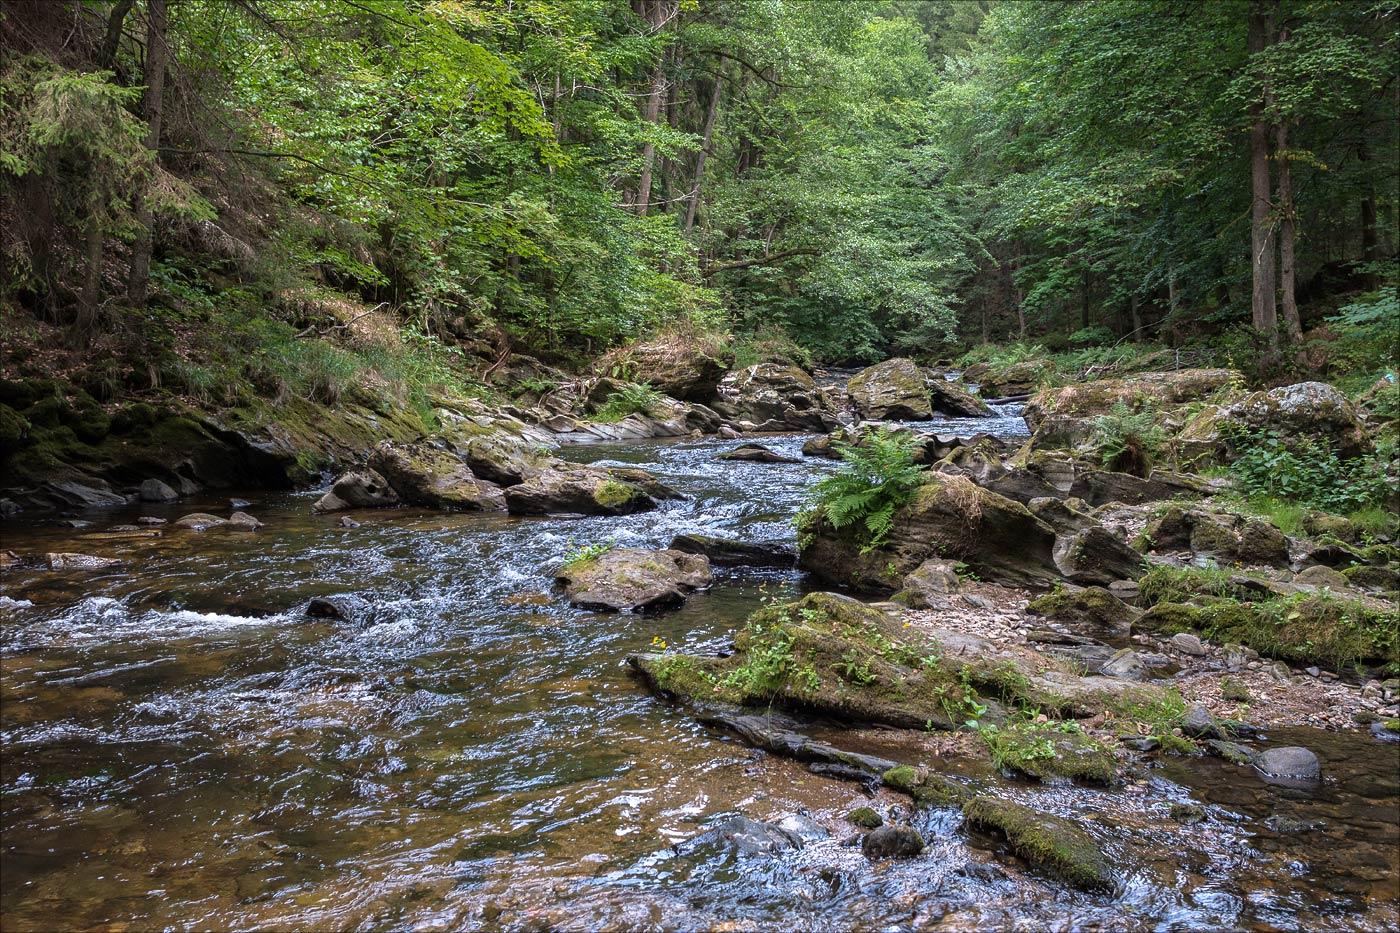 Прогулка у реки Каменице у Крконошских горах